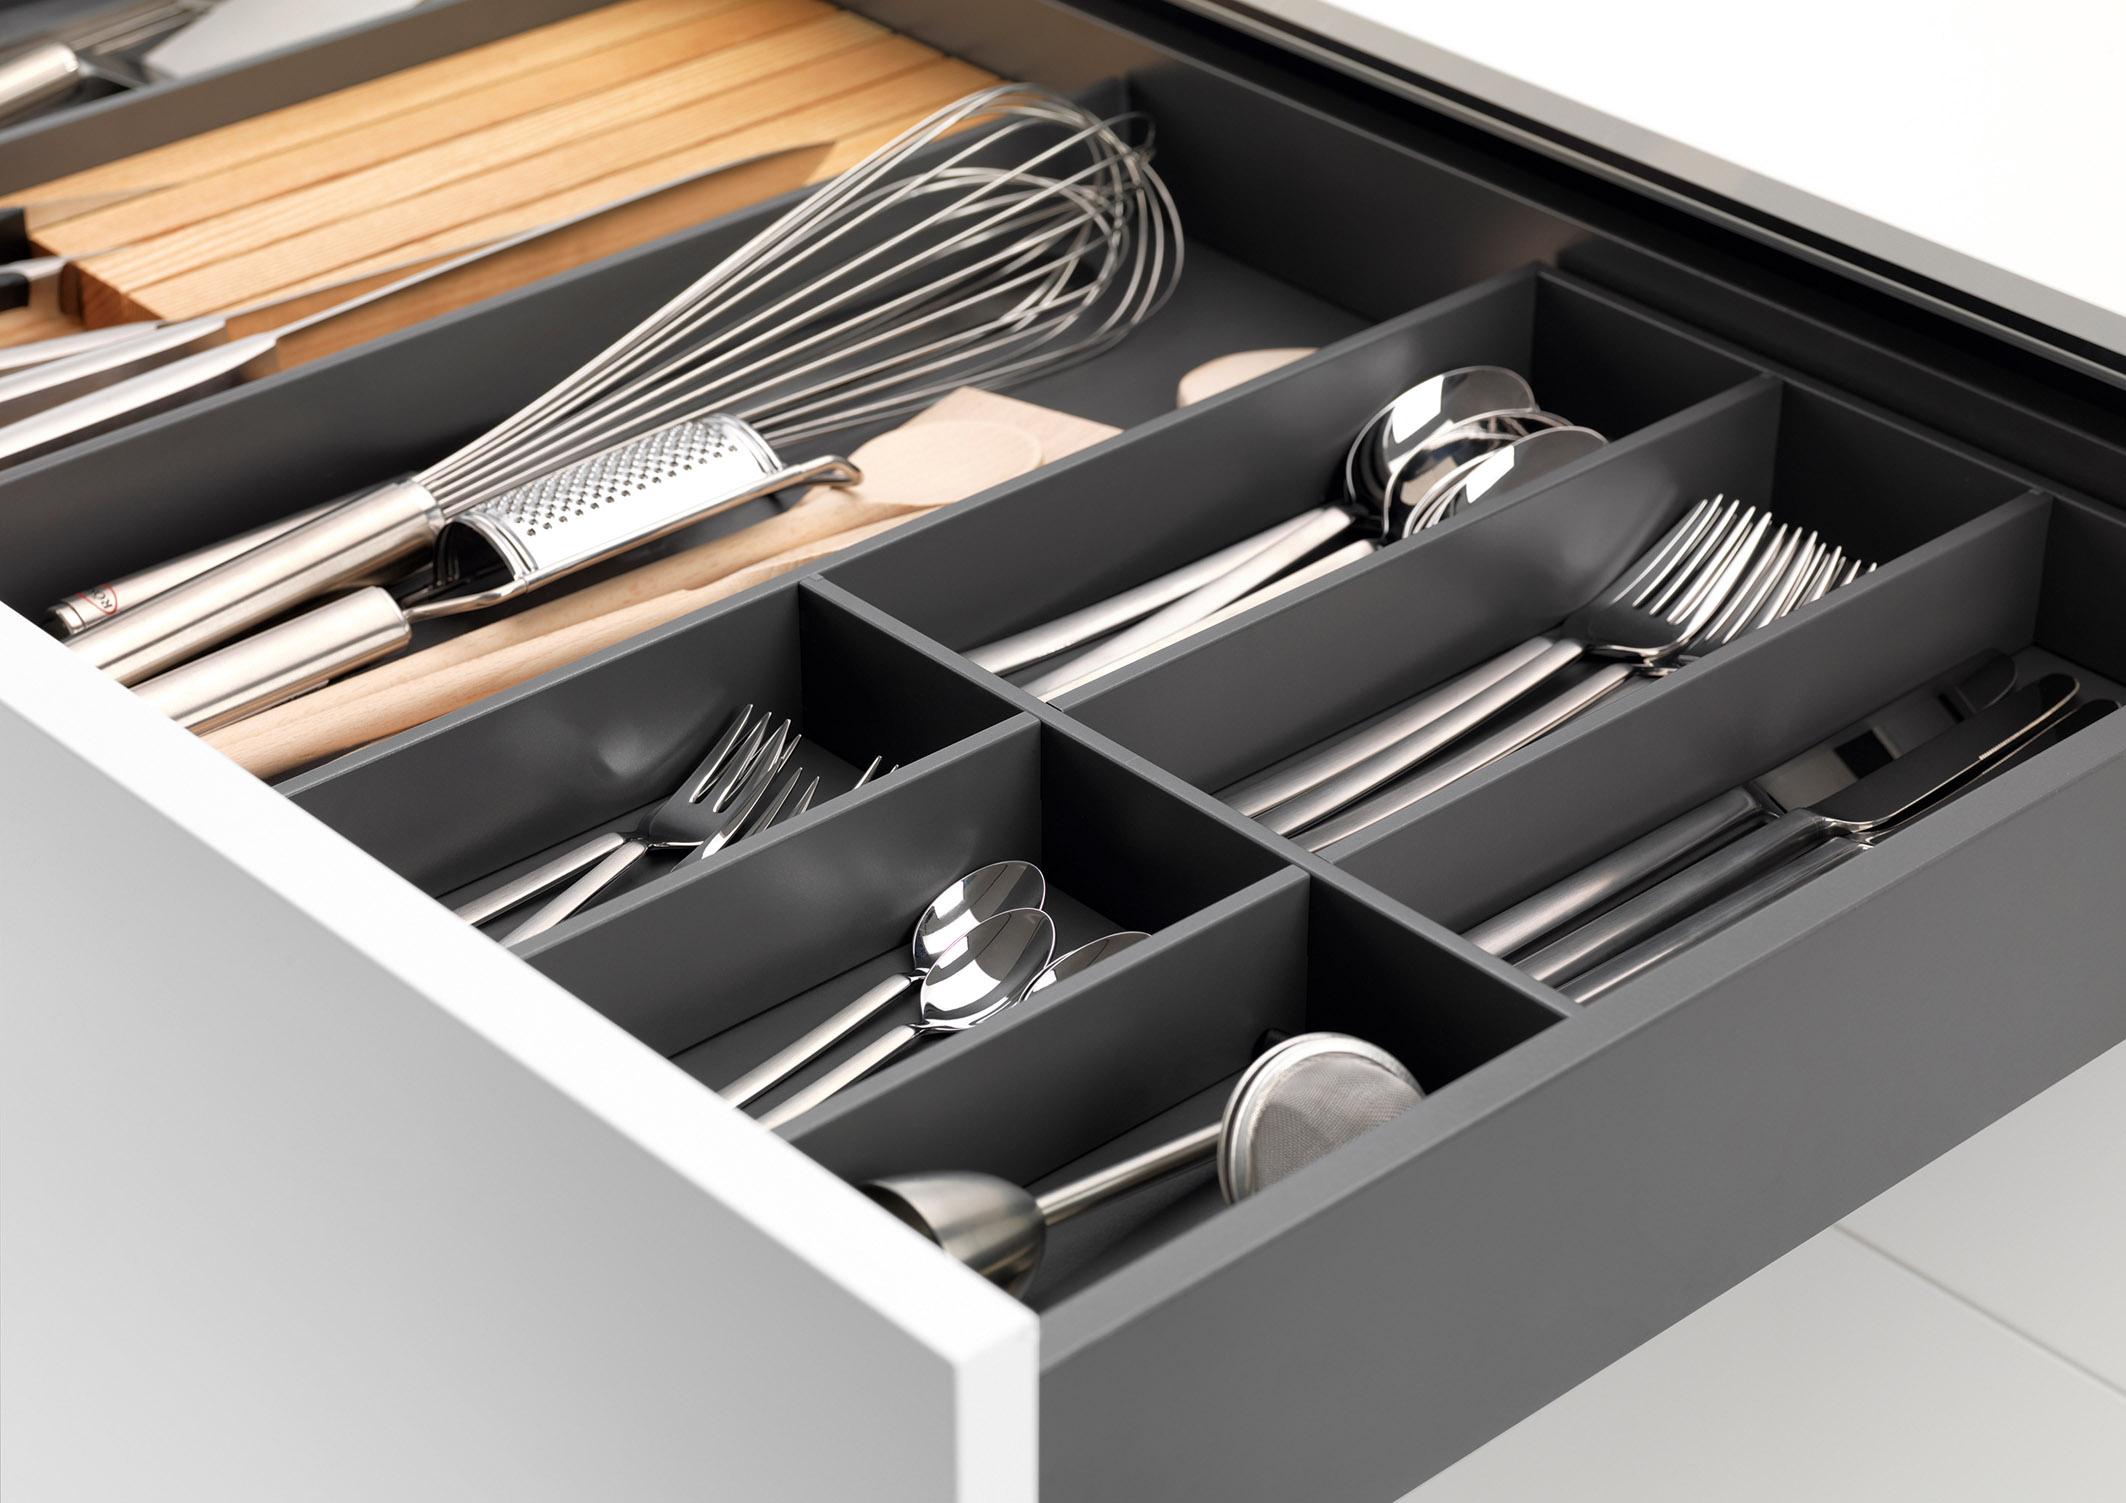 Alles im Blick und sofort zur Hand, z. B. mit einem hochwertigen Innenausstattungssystem im Frame-Design. Damit lassen sich Schubkästen bereits ab 300 mm Breite perfekt organisieren und das Besteck sowie alle wichtigen Koch-Utensilien sind rutschfest verstaut.